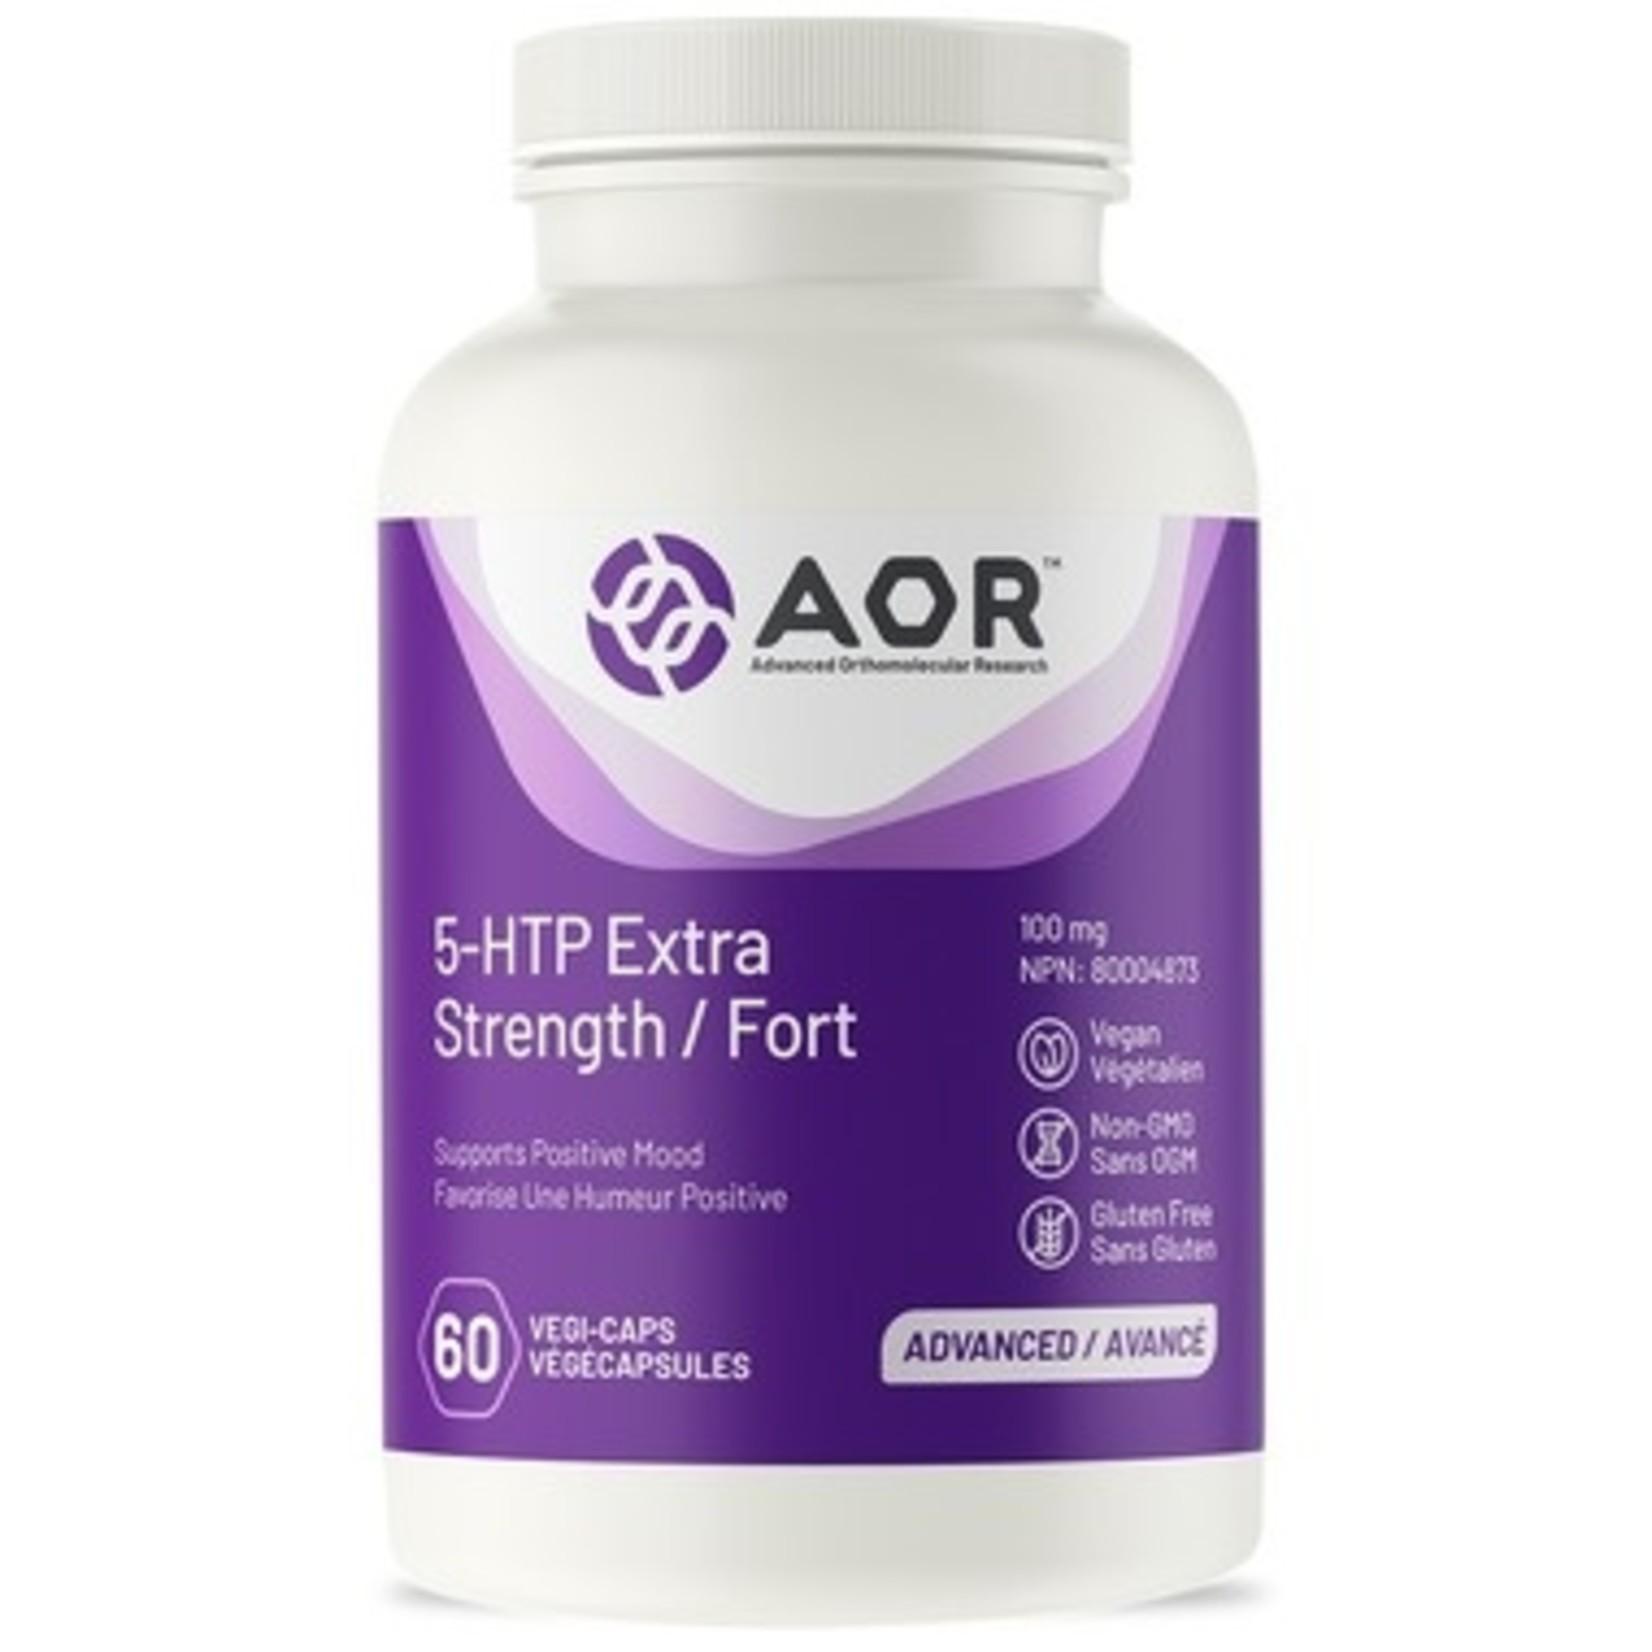 AOR AOR 5-HTP Extra Strength 100mg 60caps